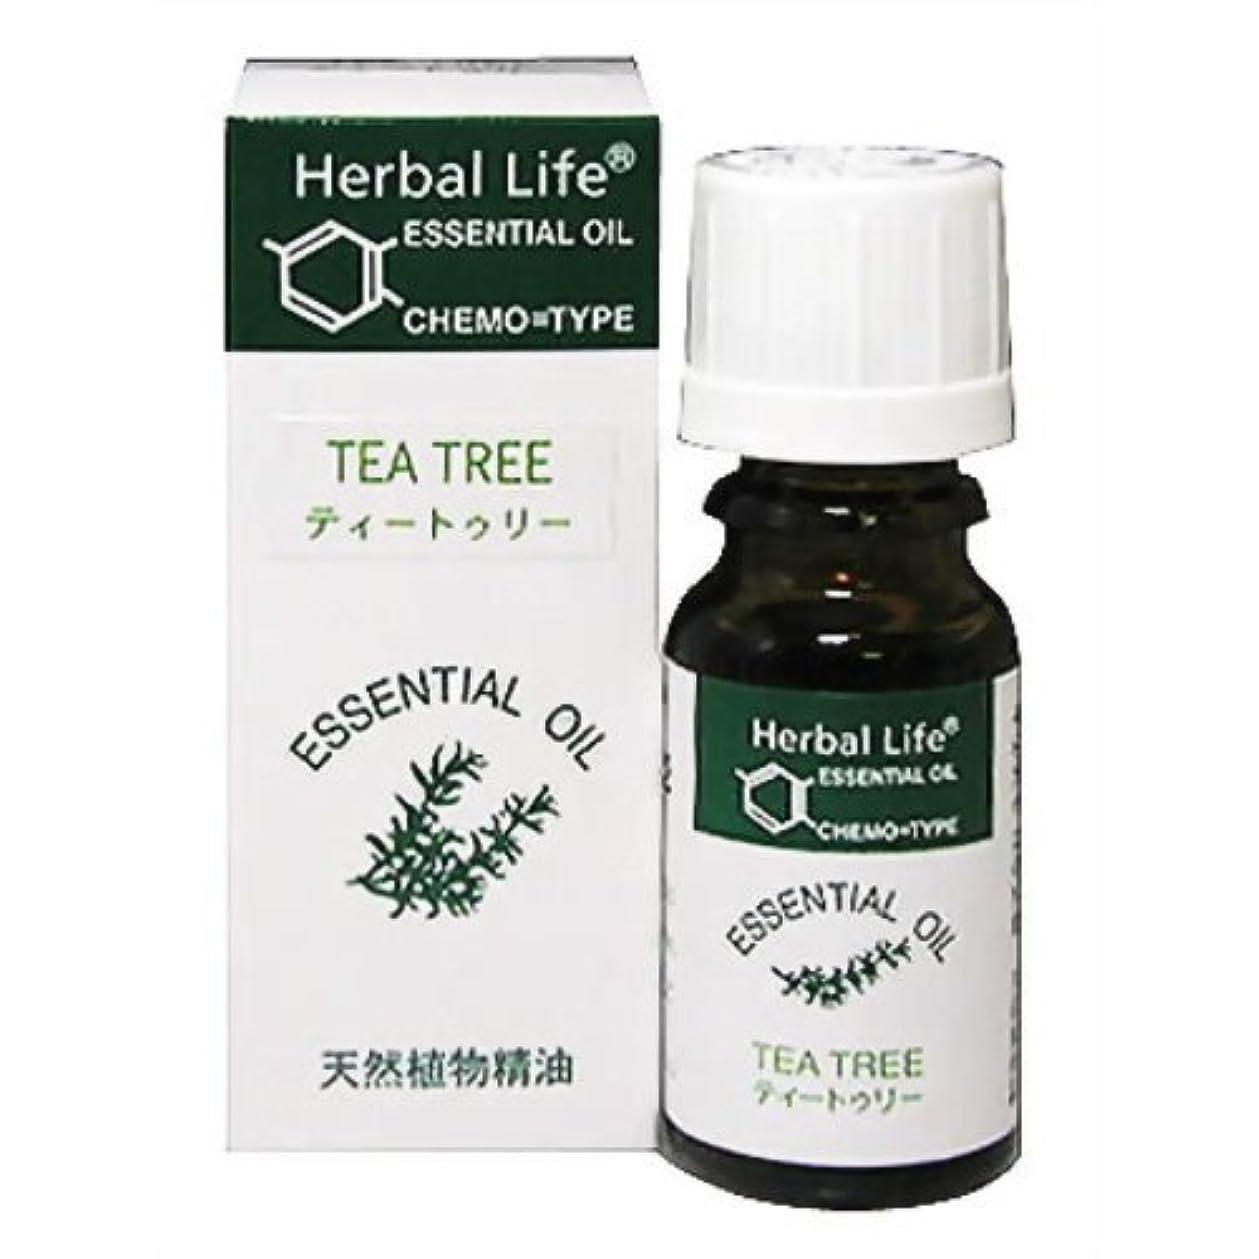 証明知らせる銀行Herbal Life ティートゥリー 10ml